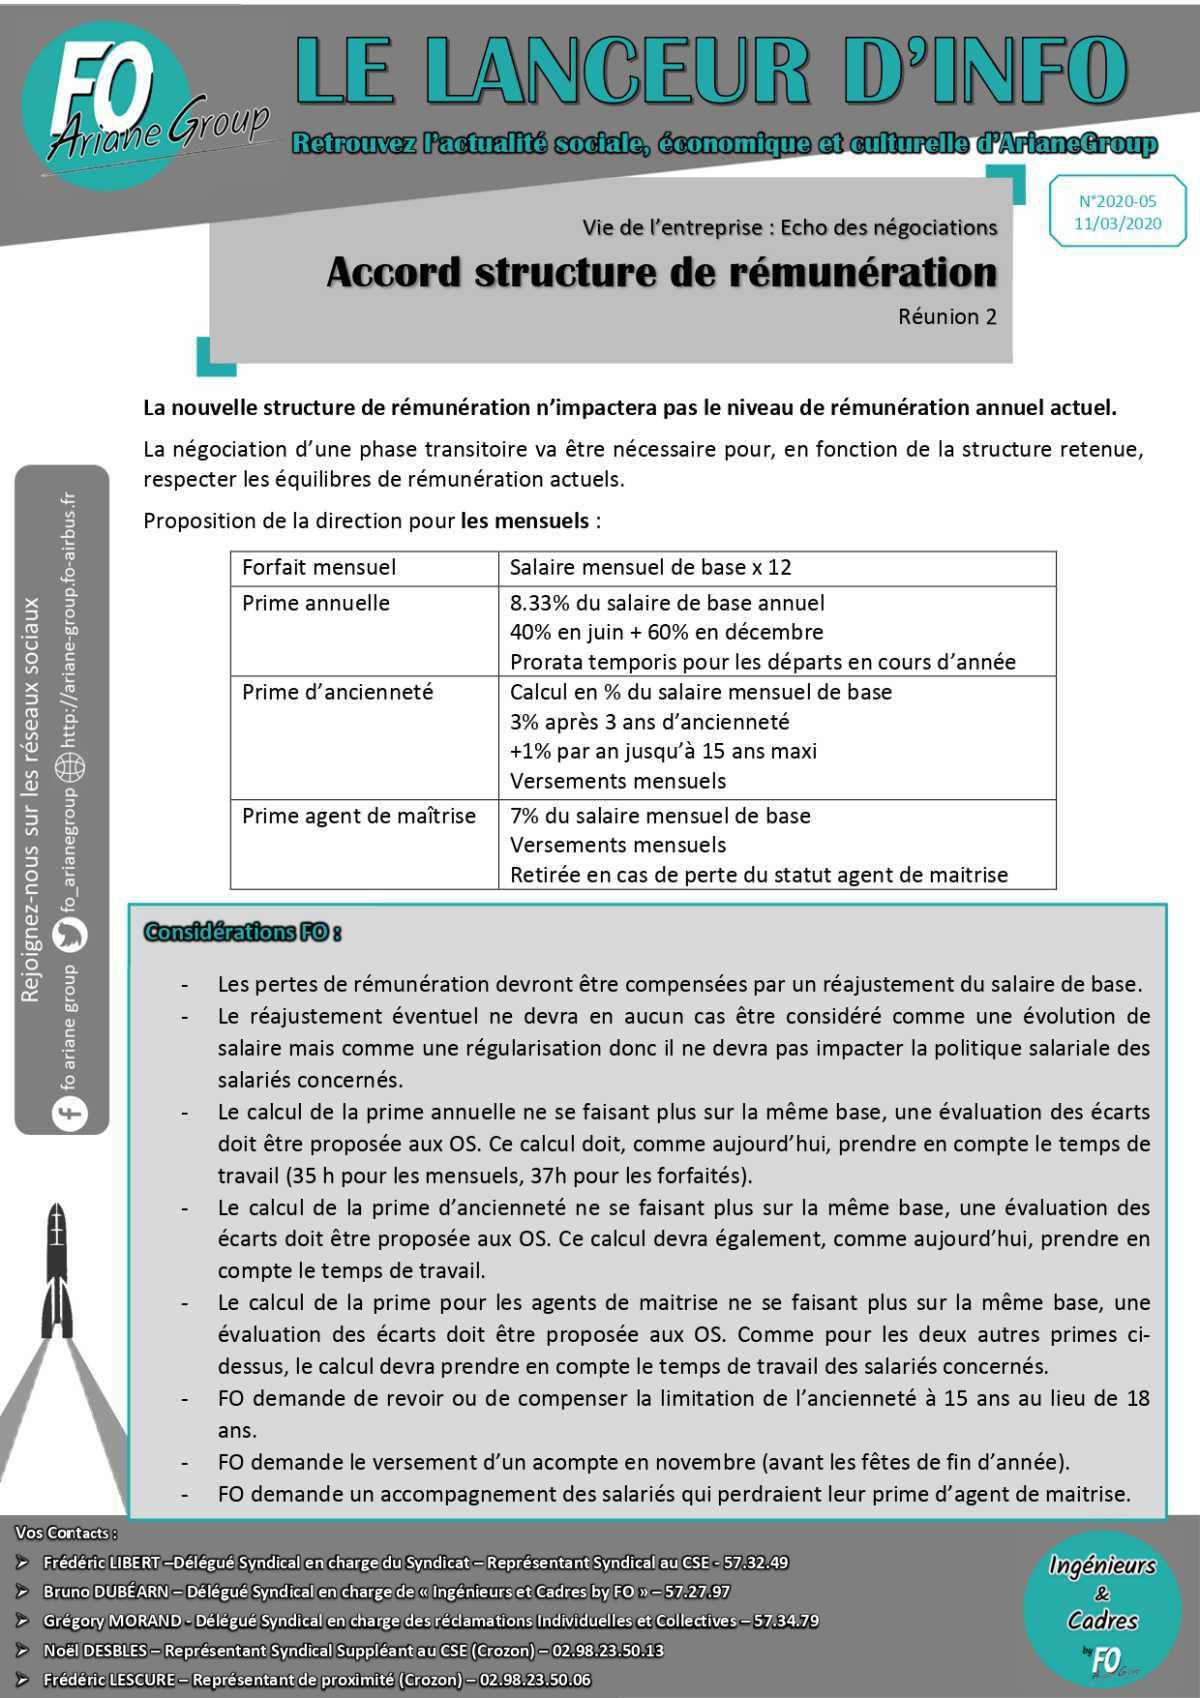 Accord structure de rémunération